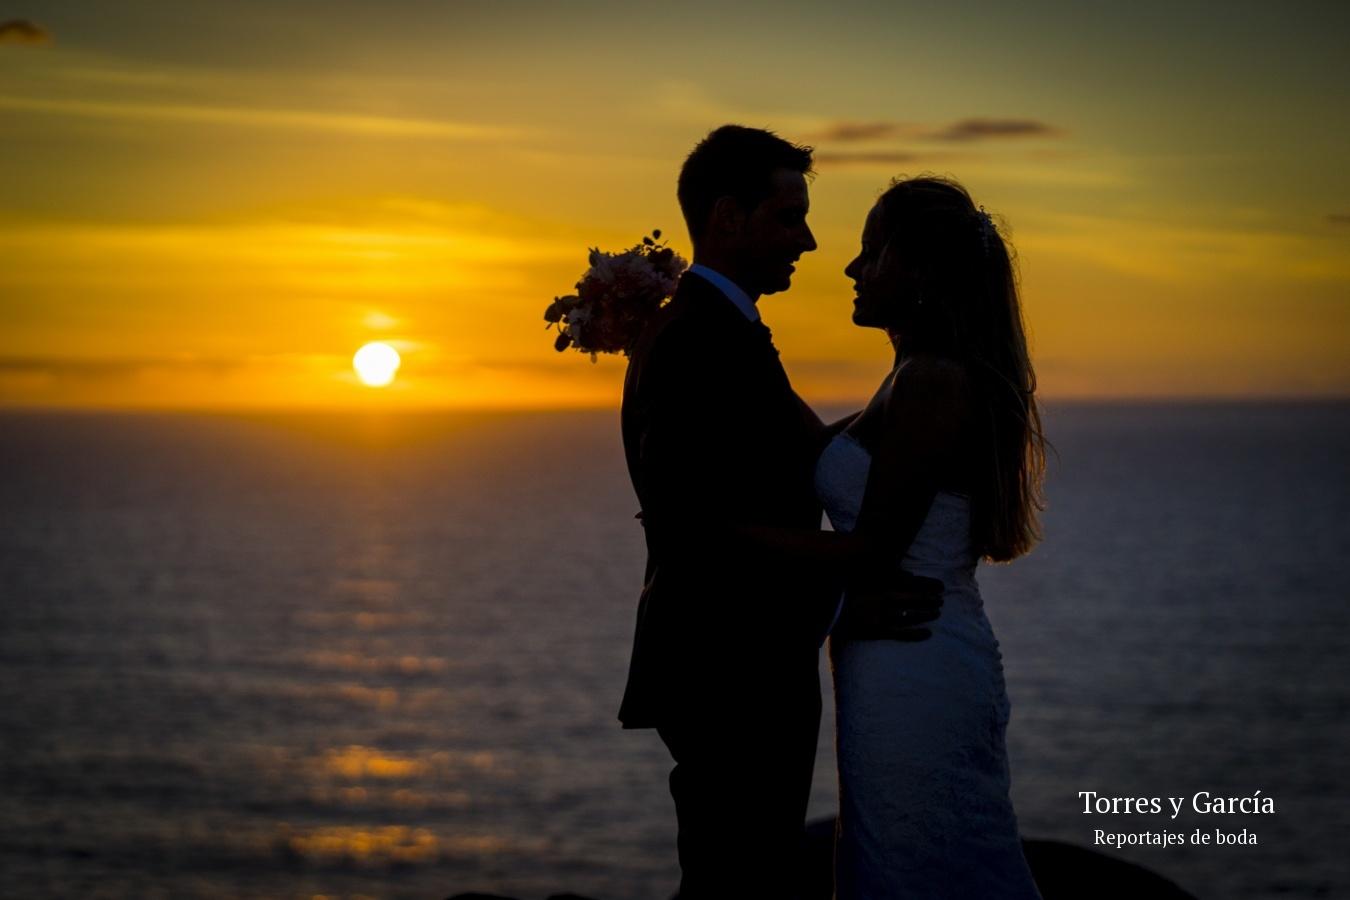 Silueta de los novios con la puesta de sol sobre el mar - Fotografías - Libros y reportajes de boda diferentes.